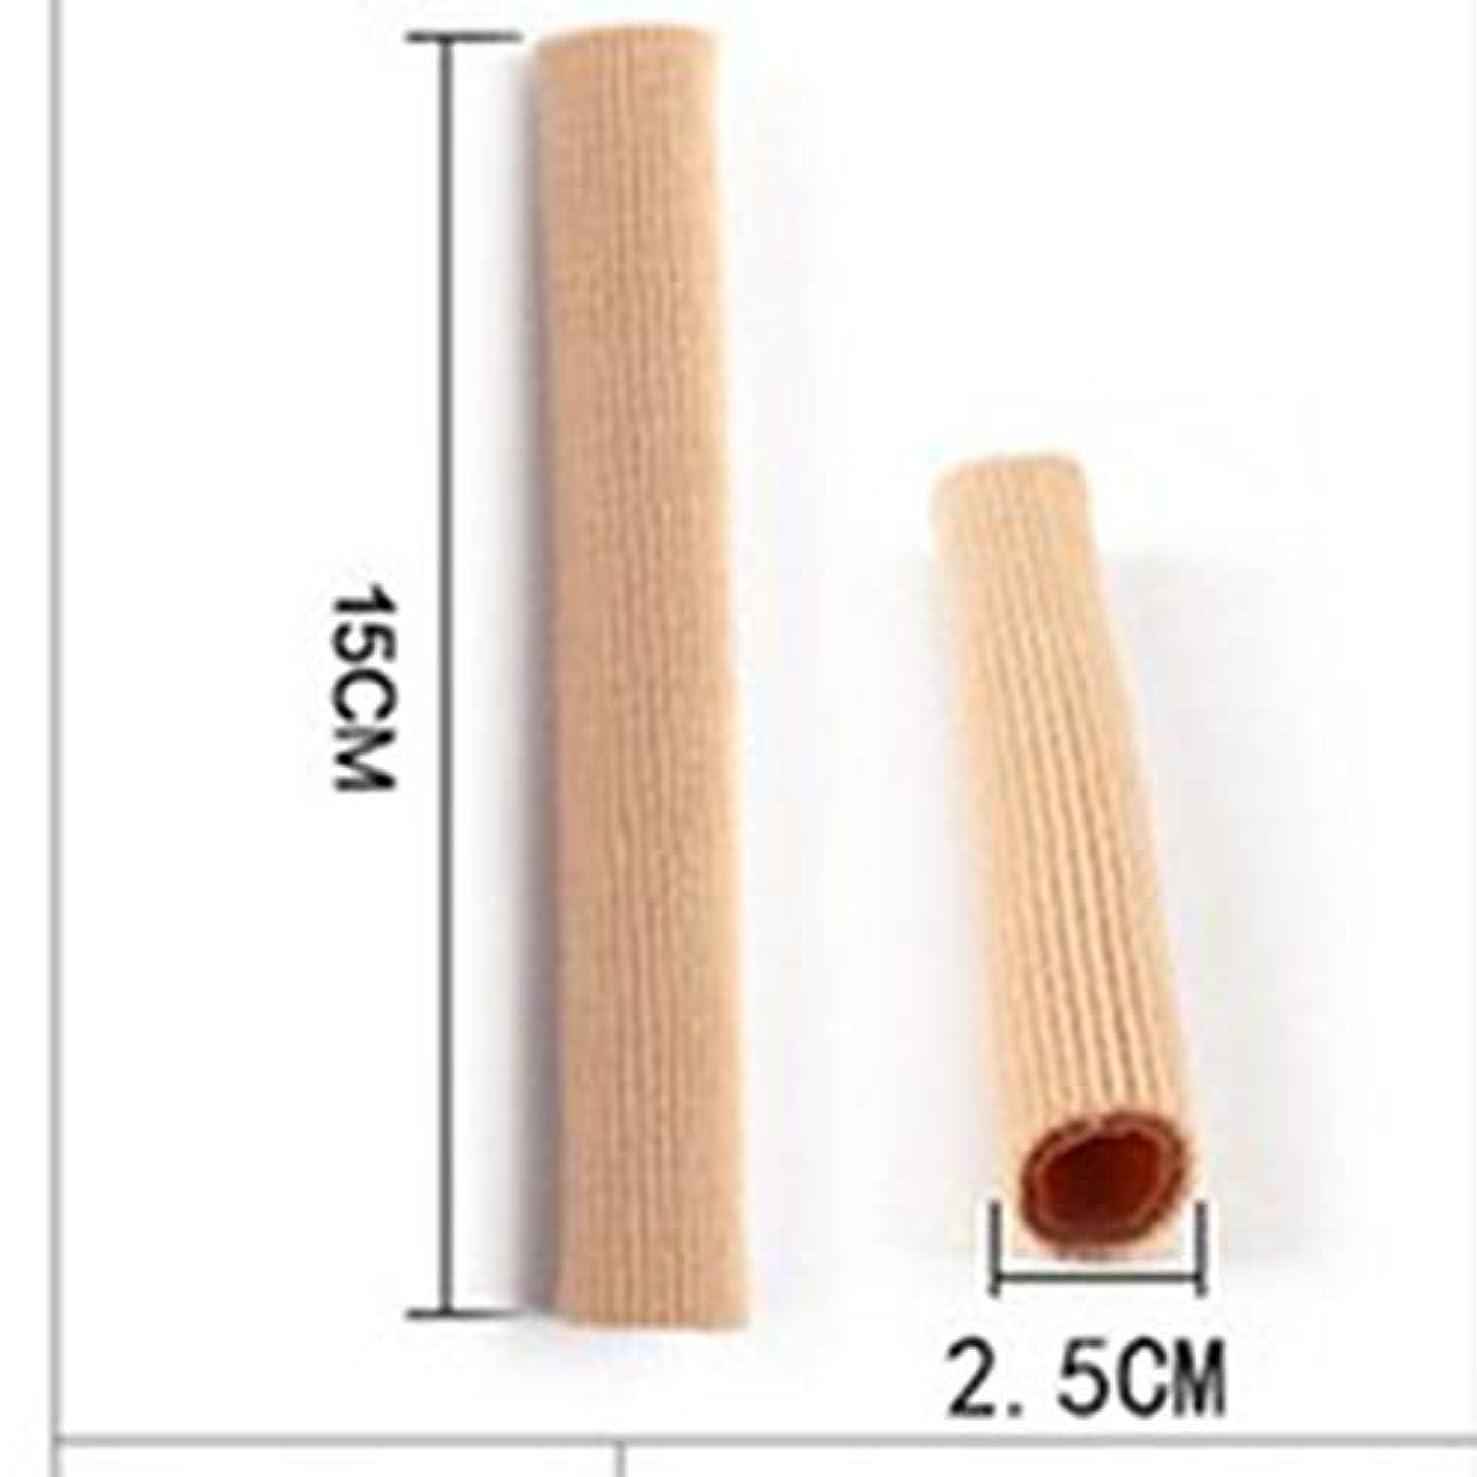 代理人牛肉ビームOpen Toe Tubes Gel Lined Fabric Sleeve Protectors To Prevent Corns, Calluses And Blisters While Softening And...